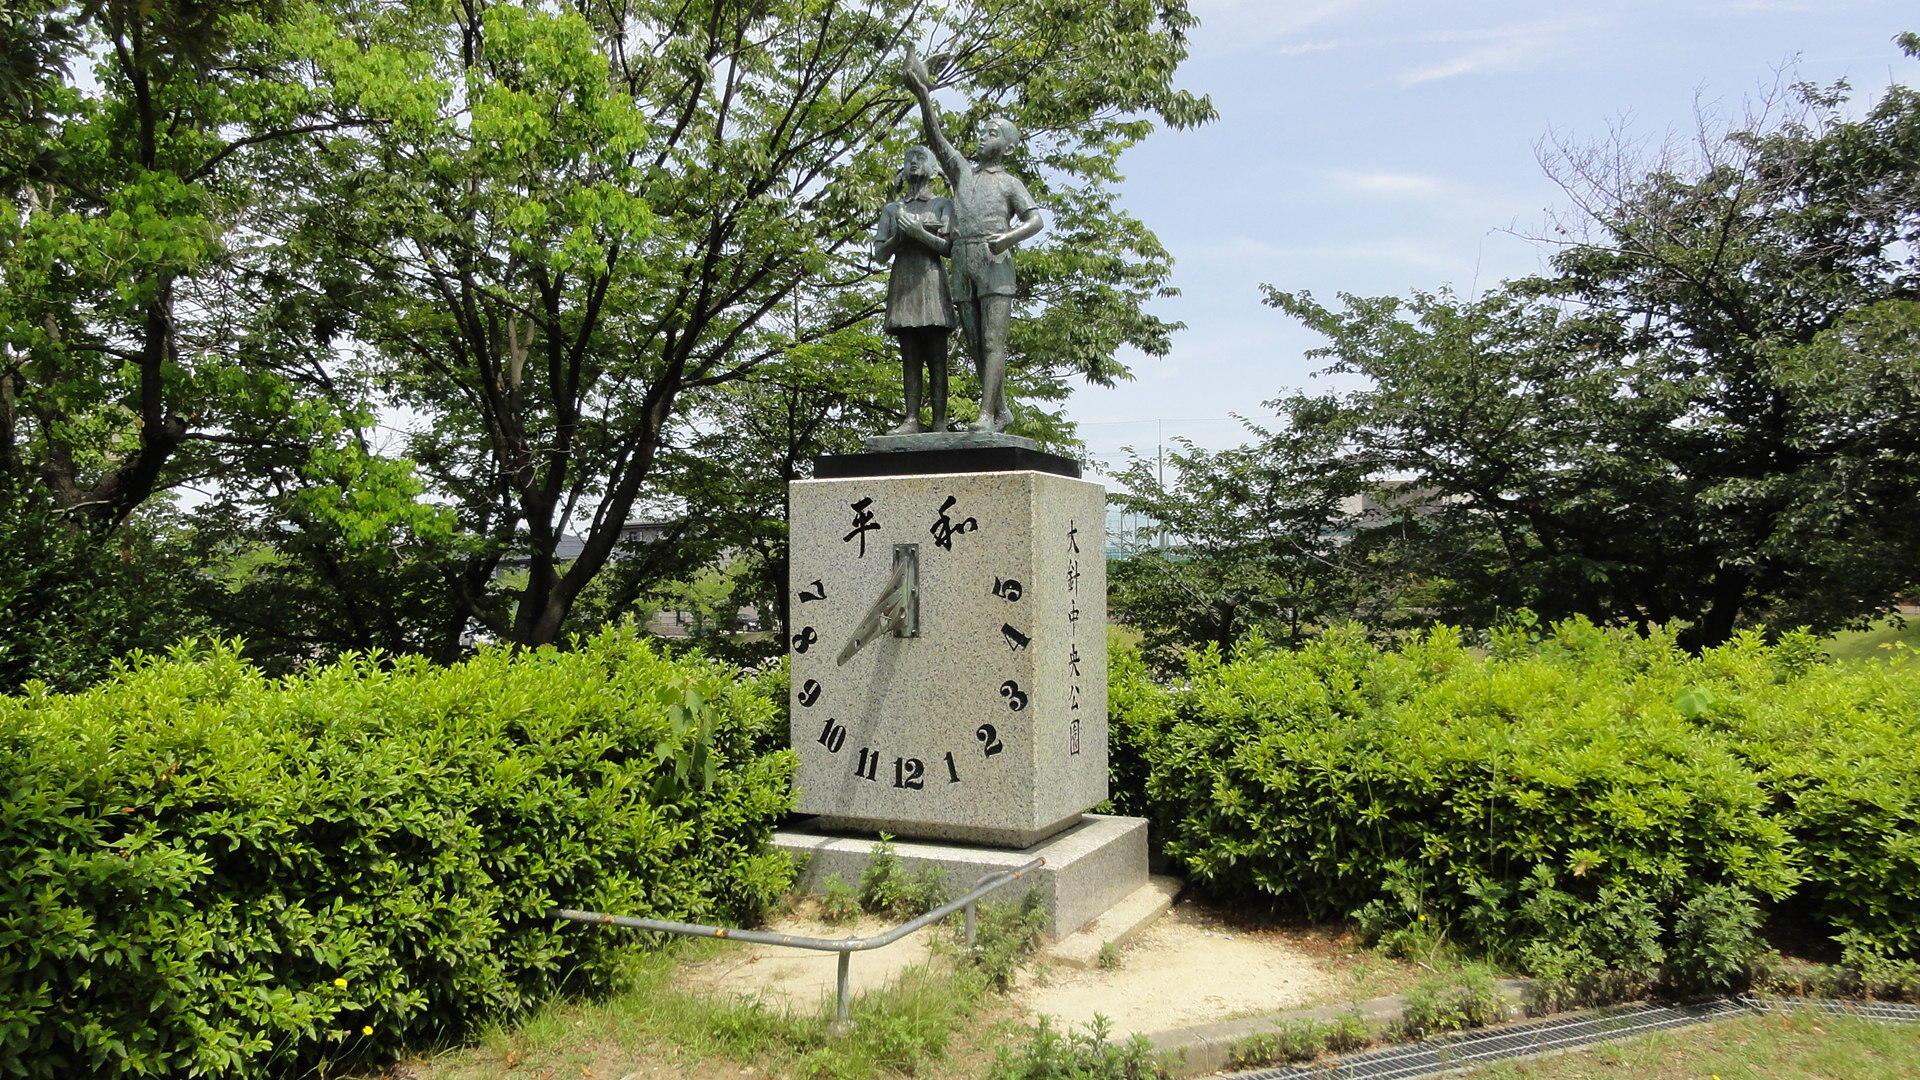 名古屋市名東区の大針中央公園平和の塔の日時計